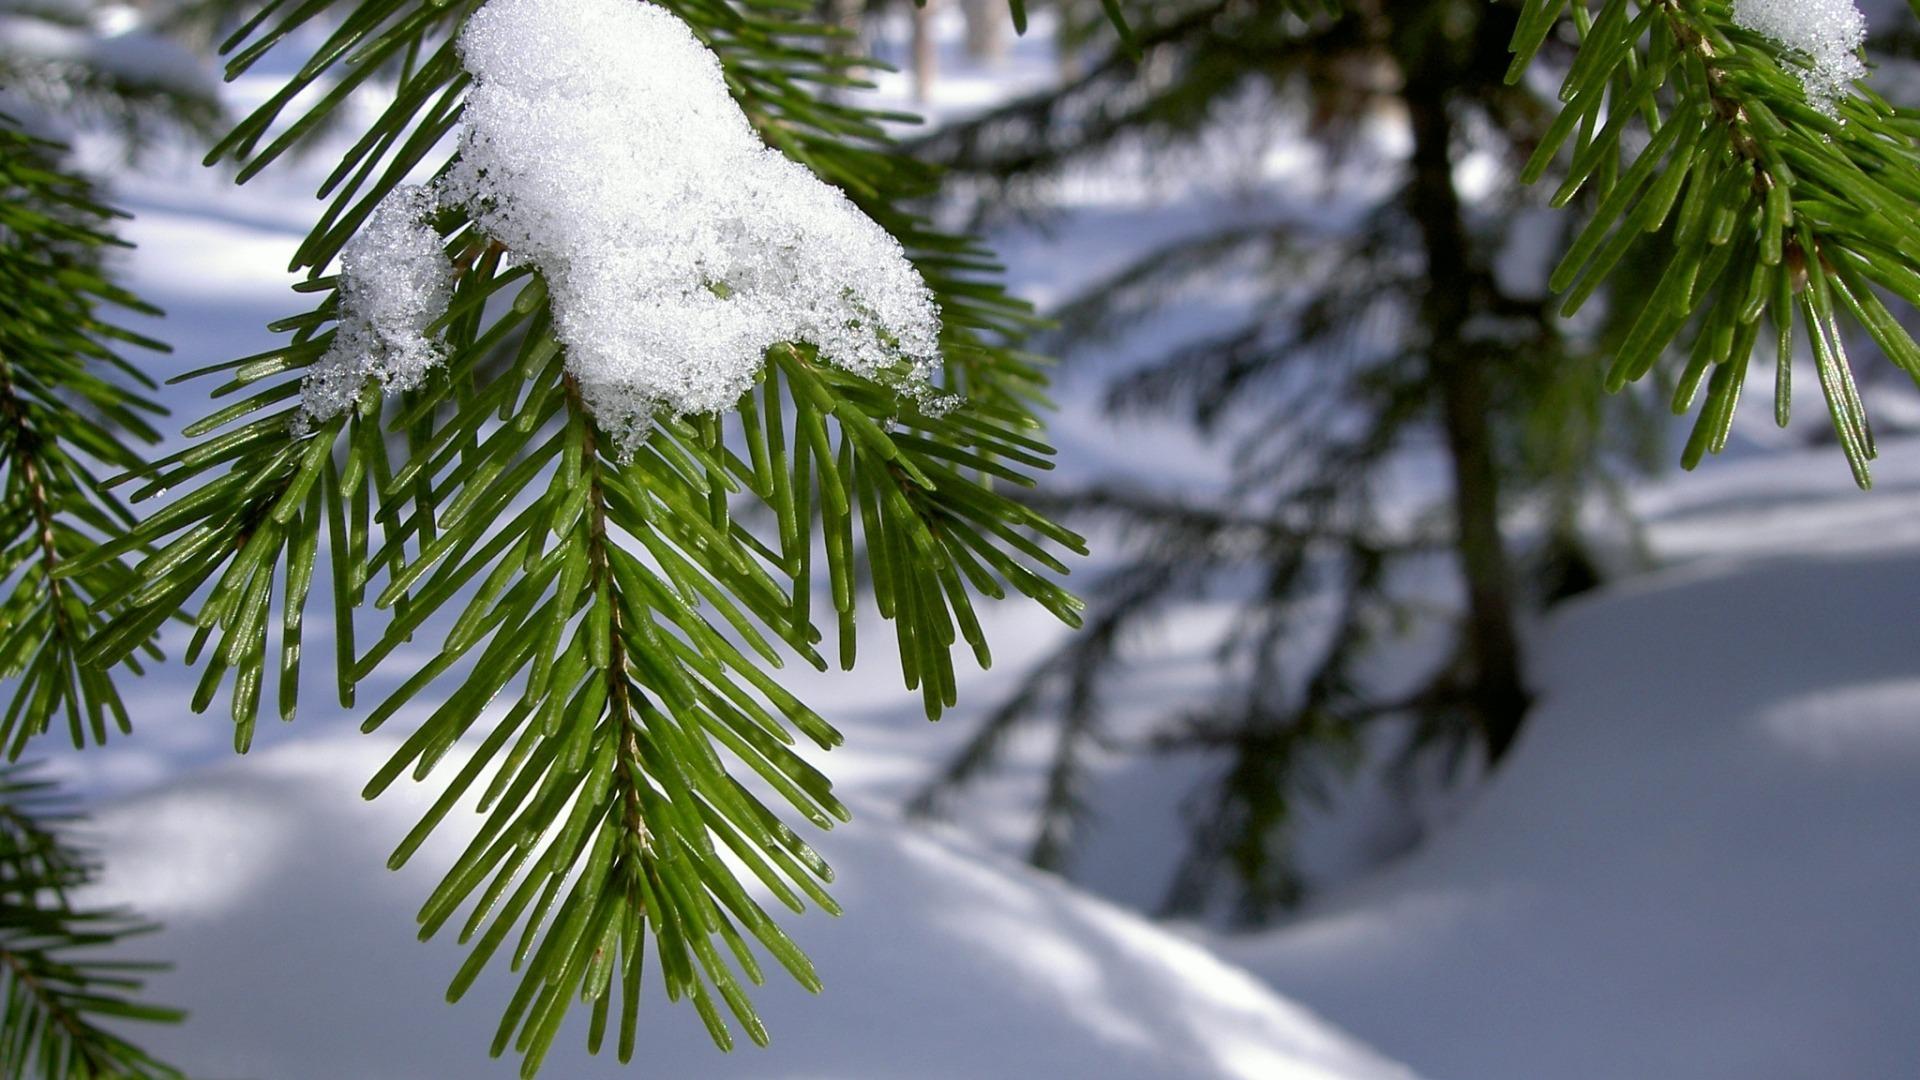 снег ели зима  № 3180908 бесплатно